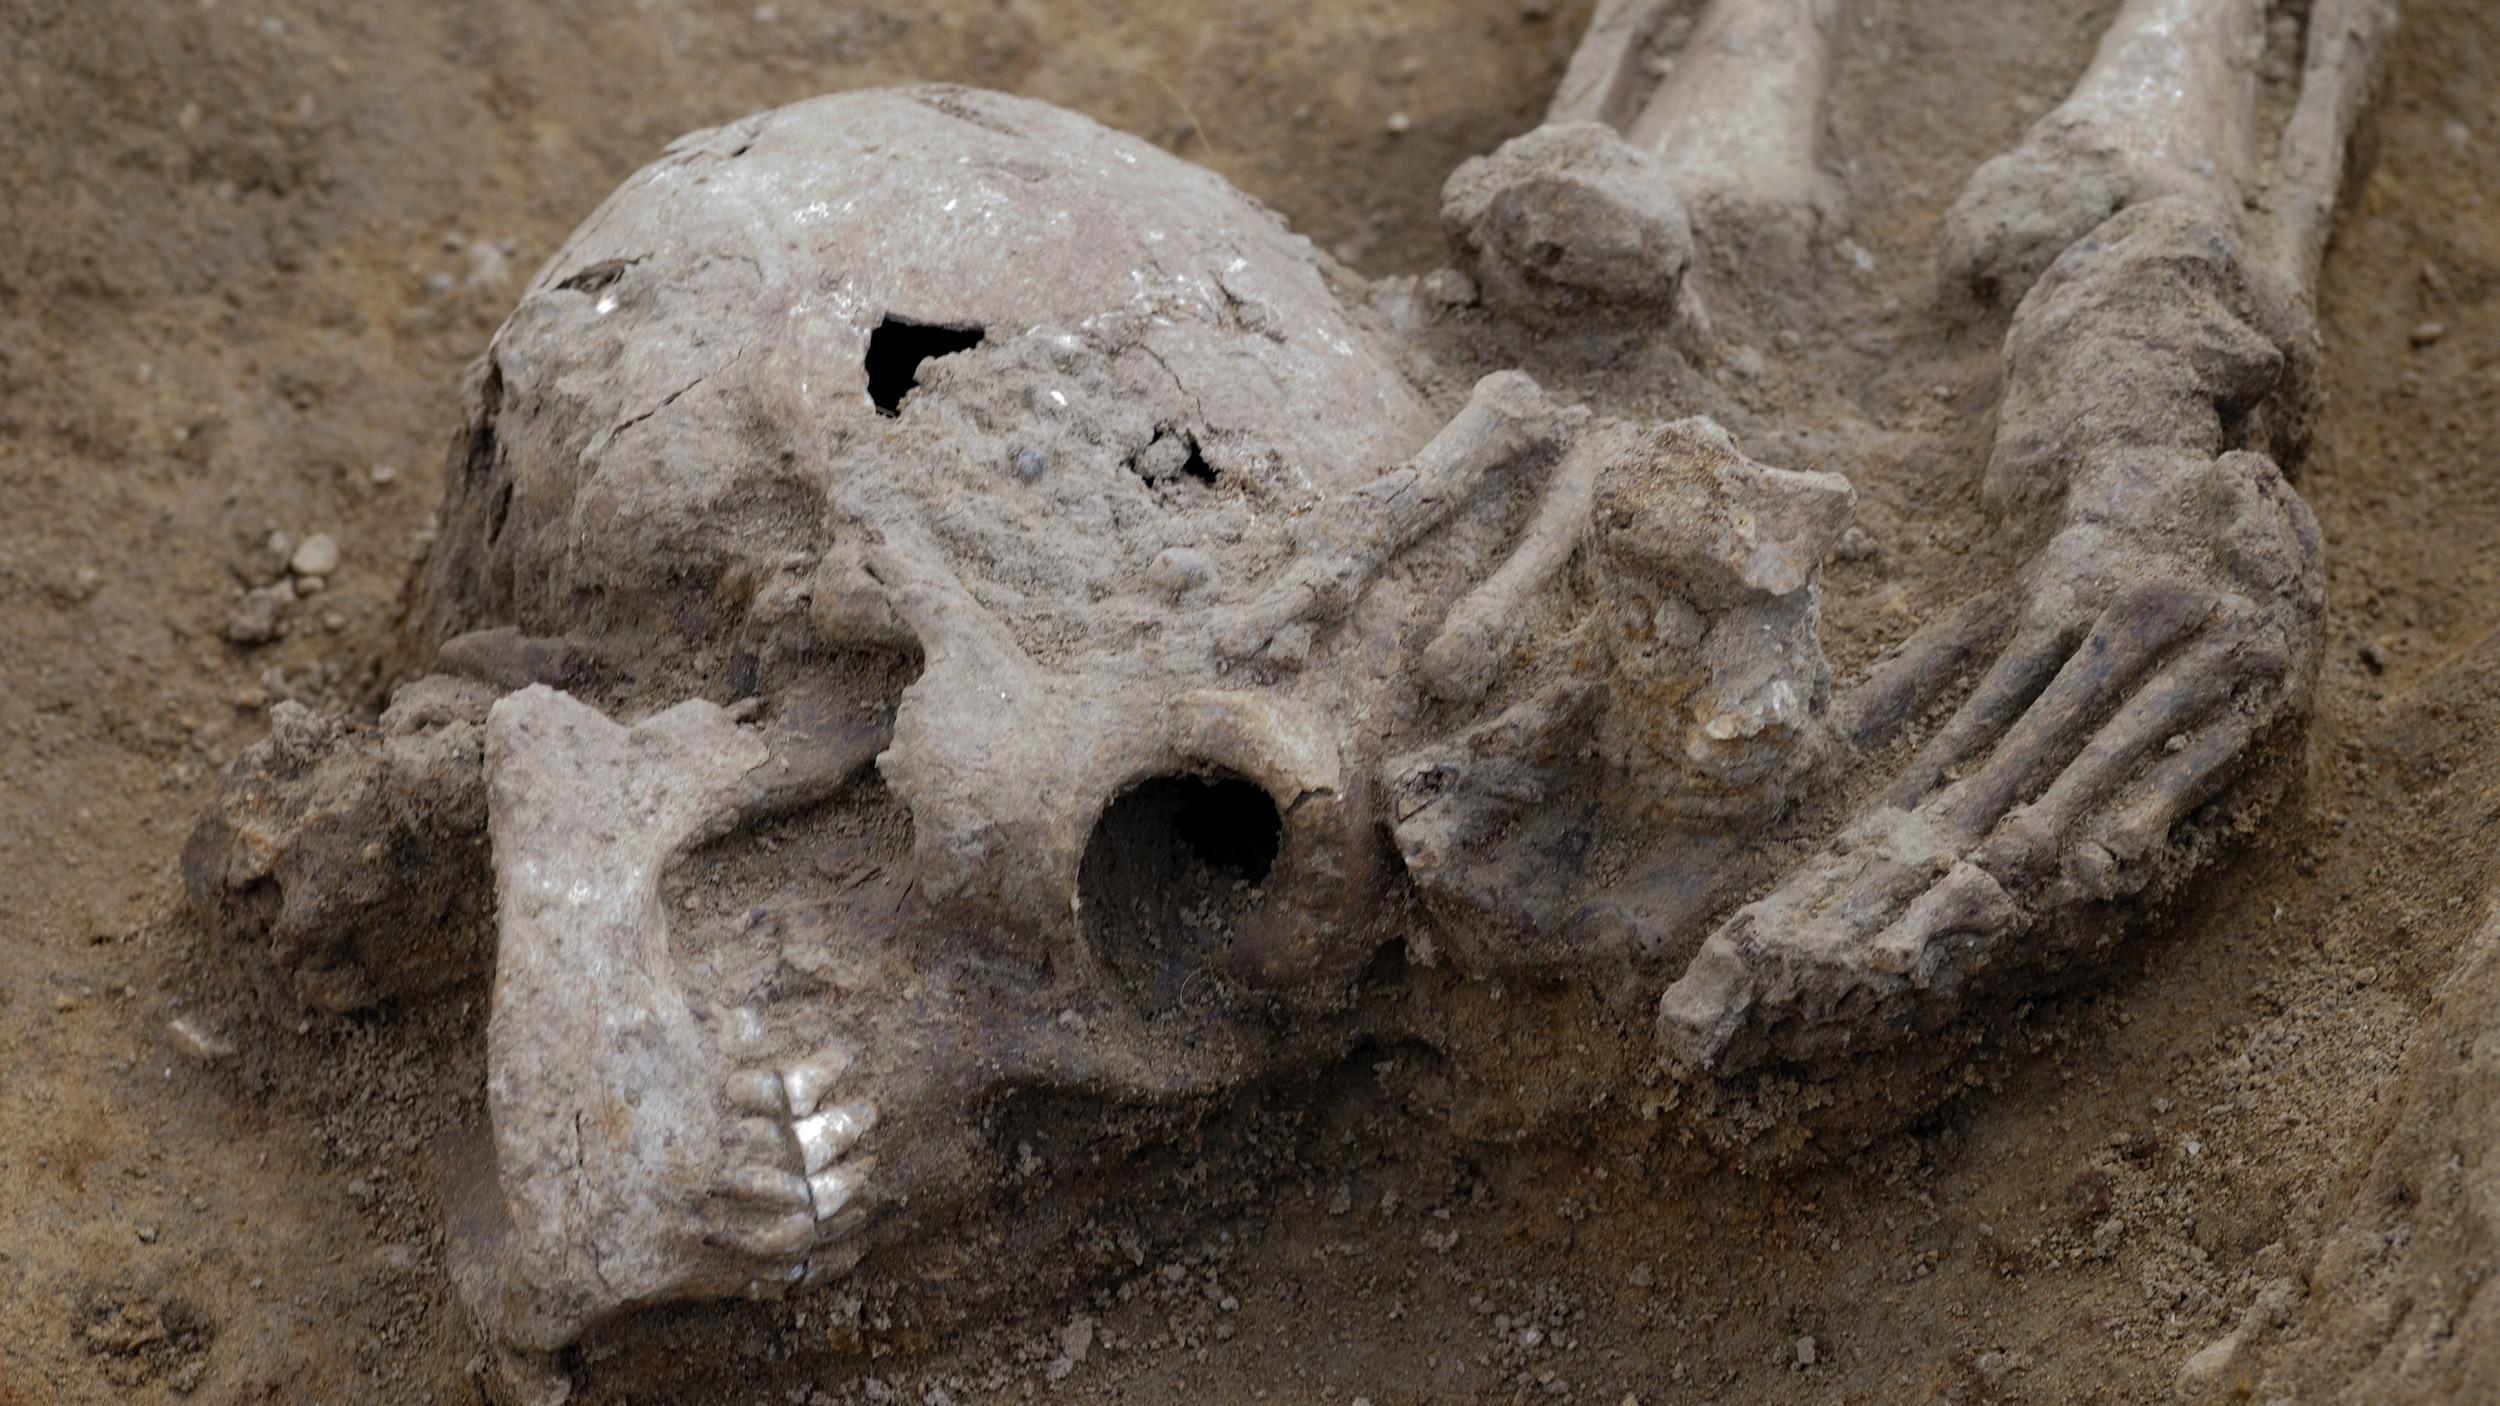 Beaucoup de squelettes décapités avaient la tête enterrée comme celui montré ici.